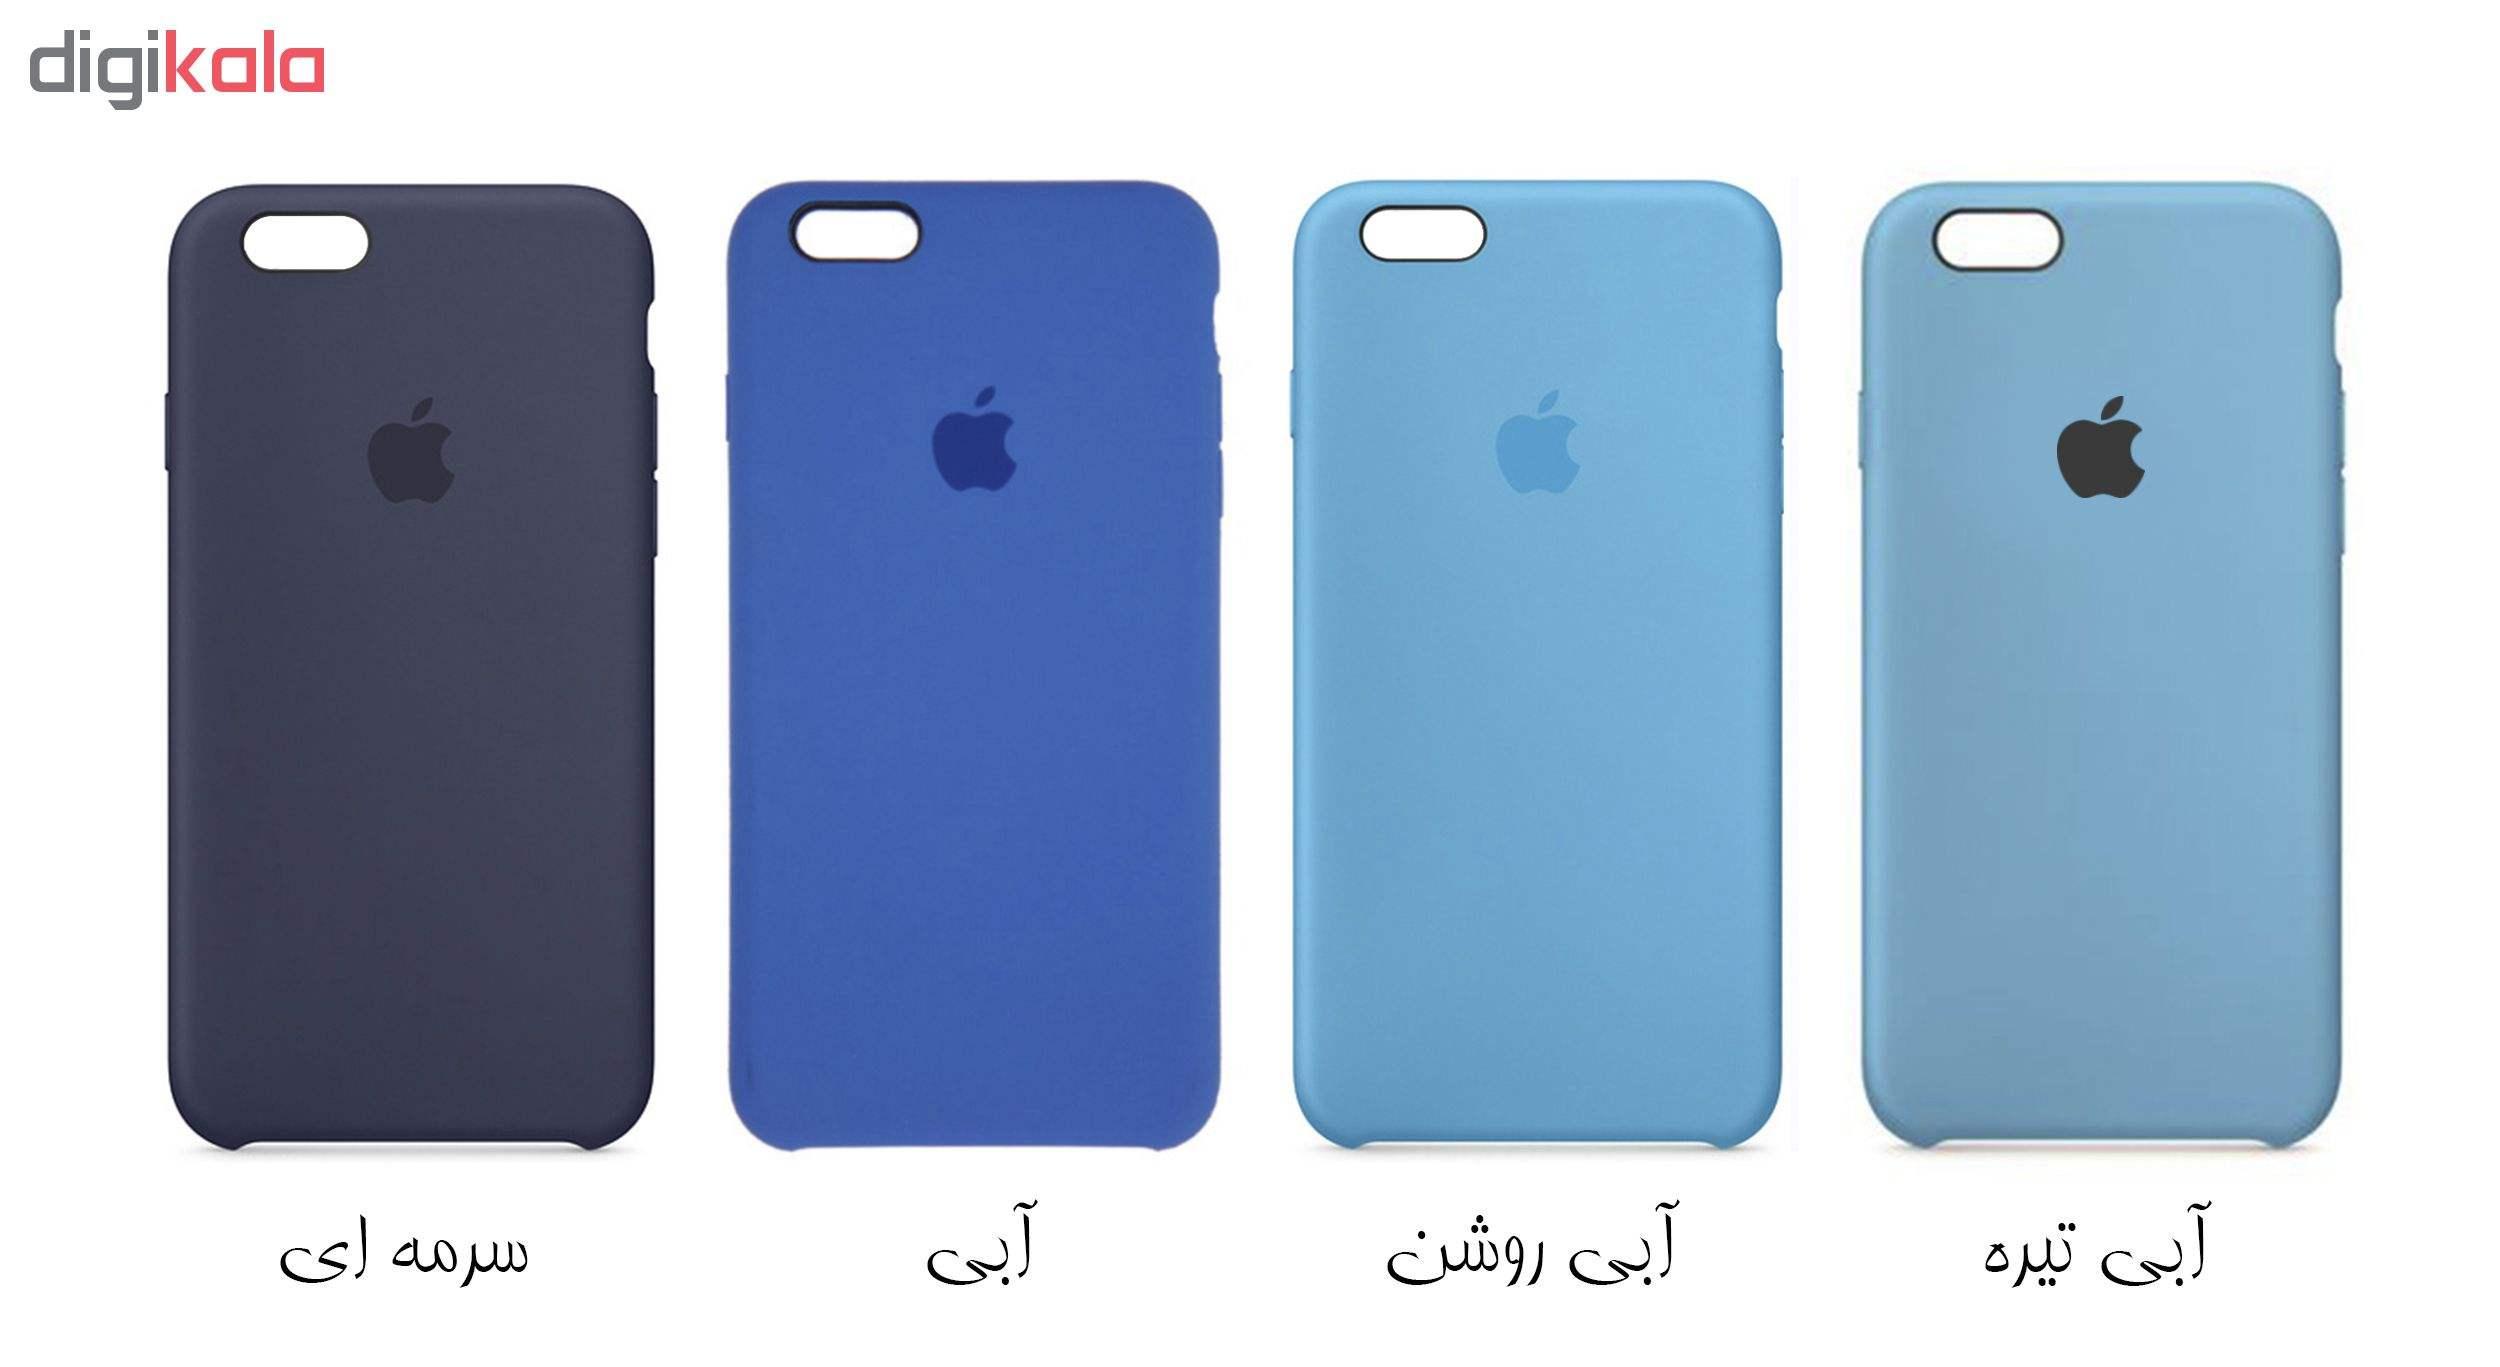 کاور مدل SlC مناسب برای گوشی موبایل آیفون 6/6s main 1 11